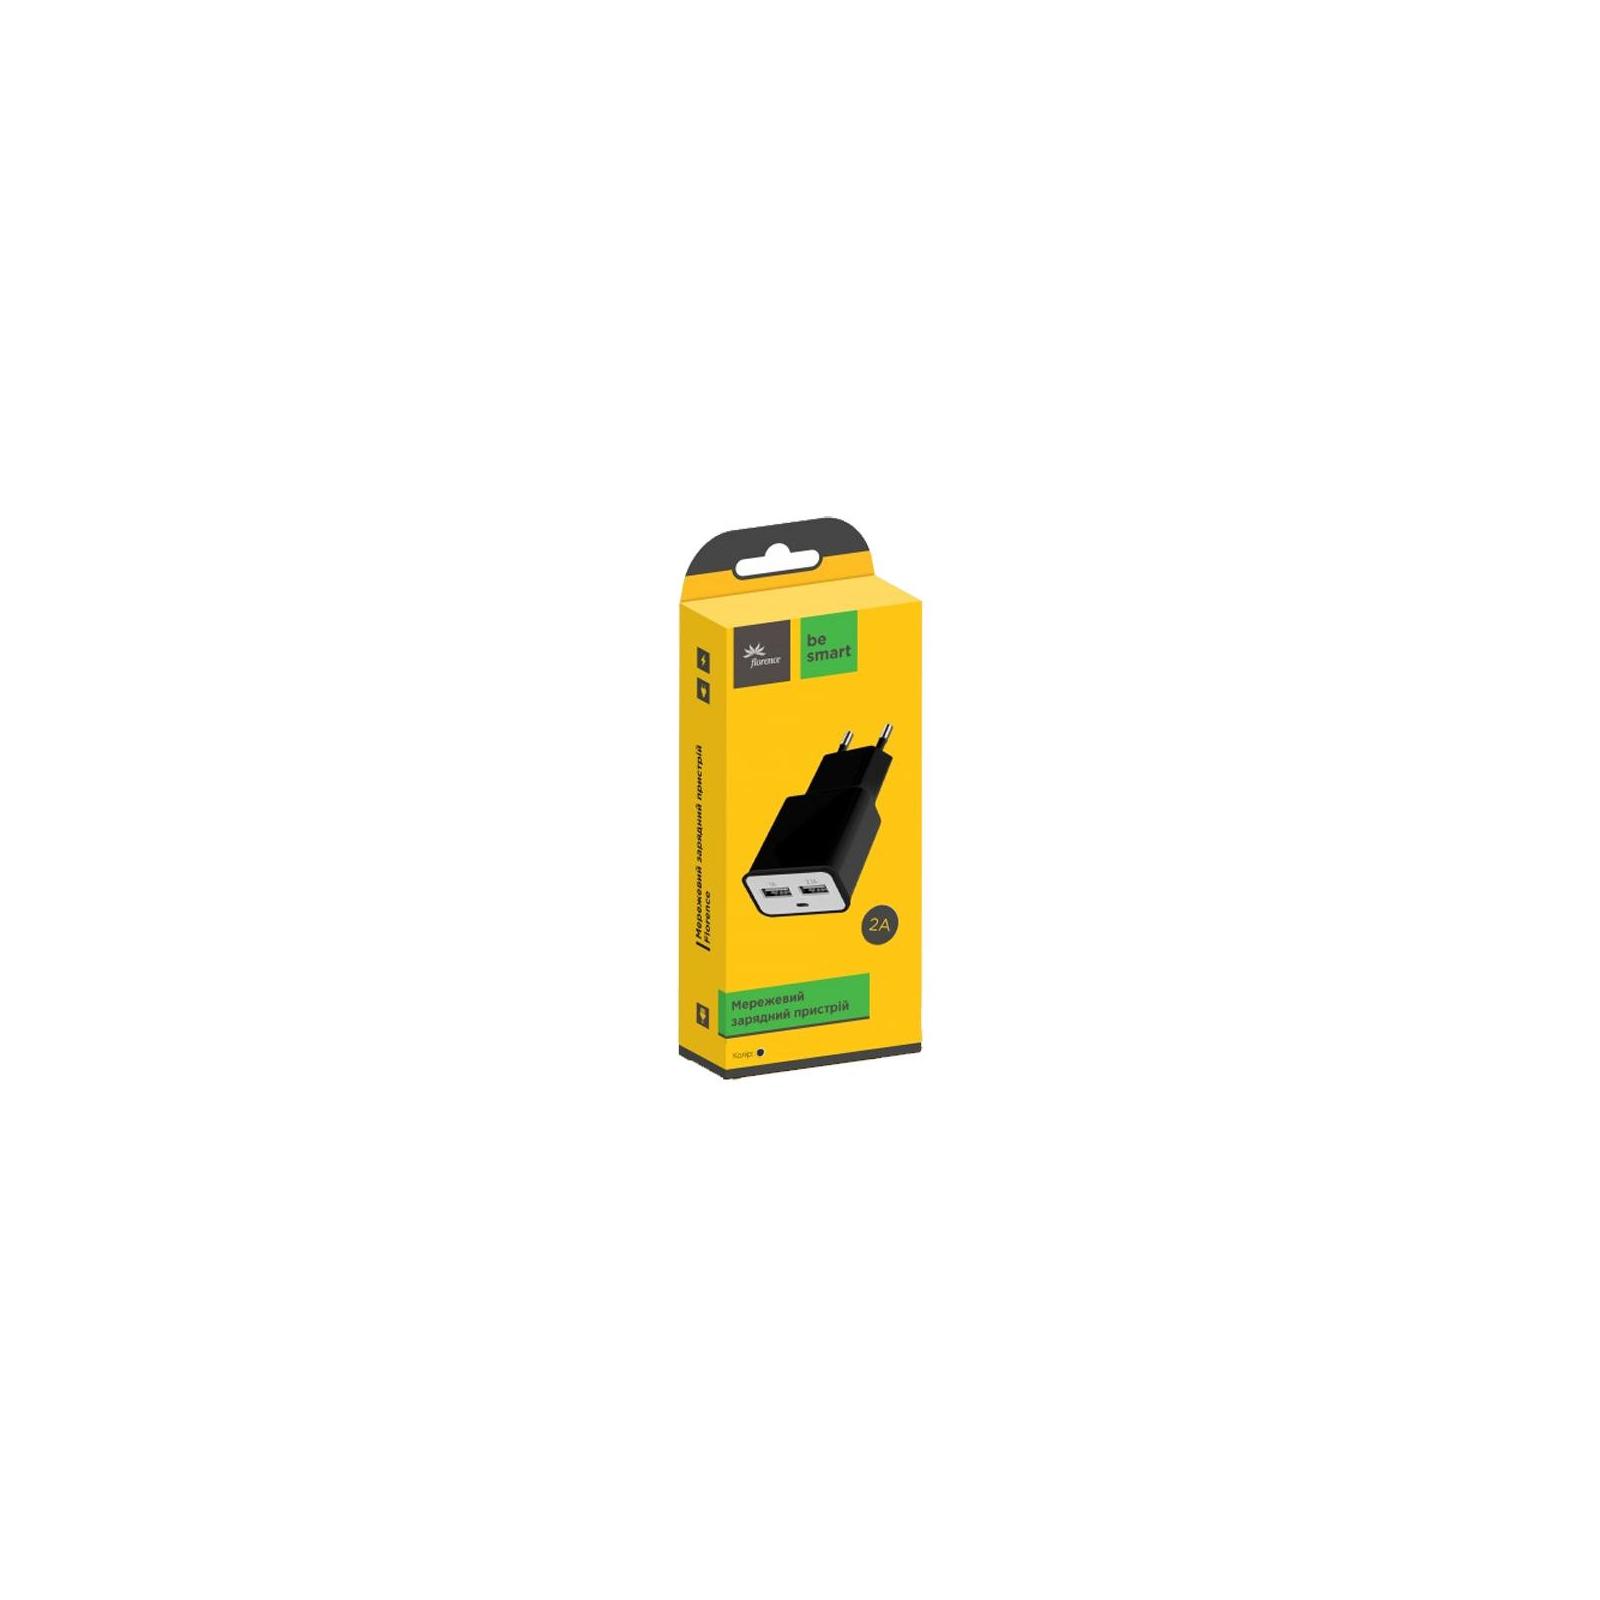 Зарядное устройство Florence 2*USB, 2.0A black (FW-2U020B) изображение 2